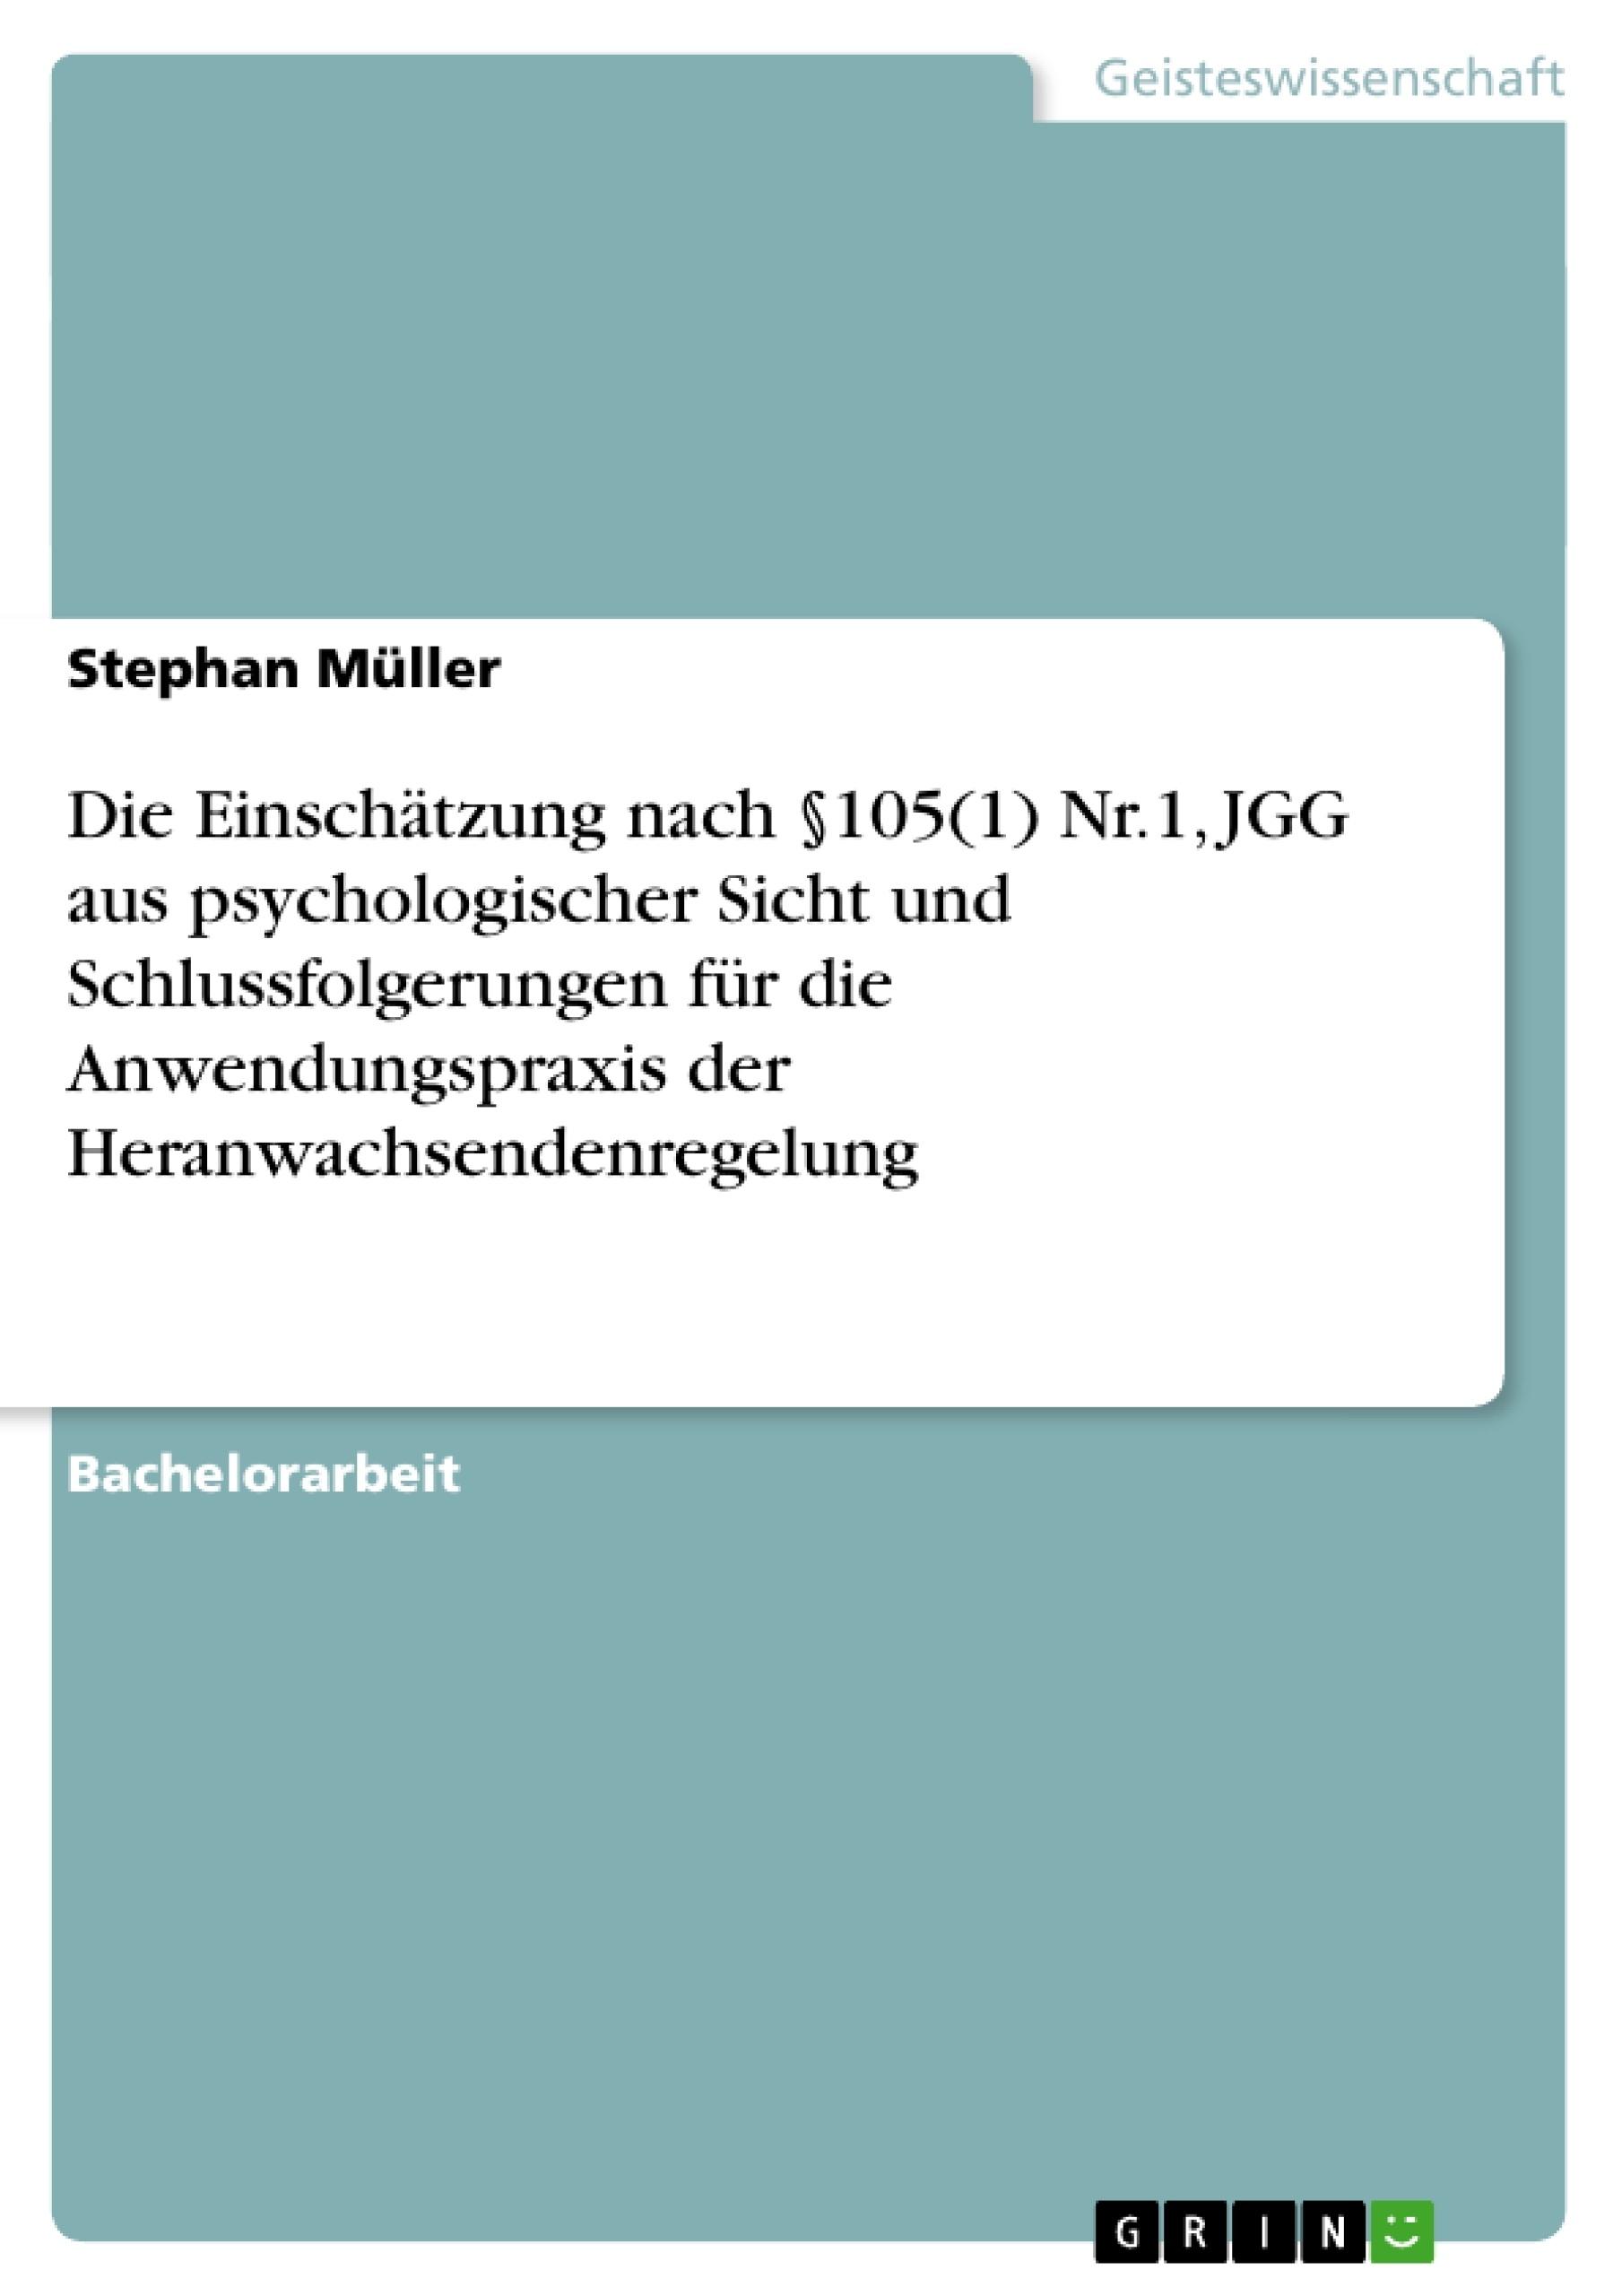 Titel: Die Einschätzung nach §105(1) Nr.1, JGG aus psychologischer Sicht  und Schlussfolgerungen für die Anwendungspraxis der Heranwachsendenregelung